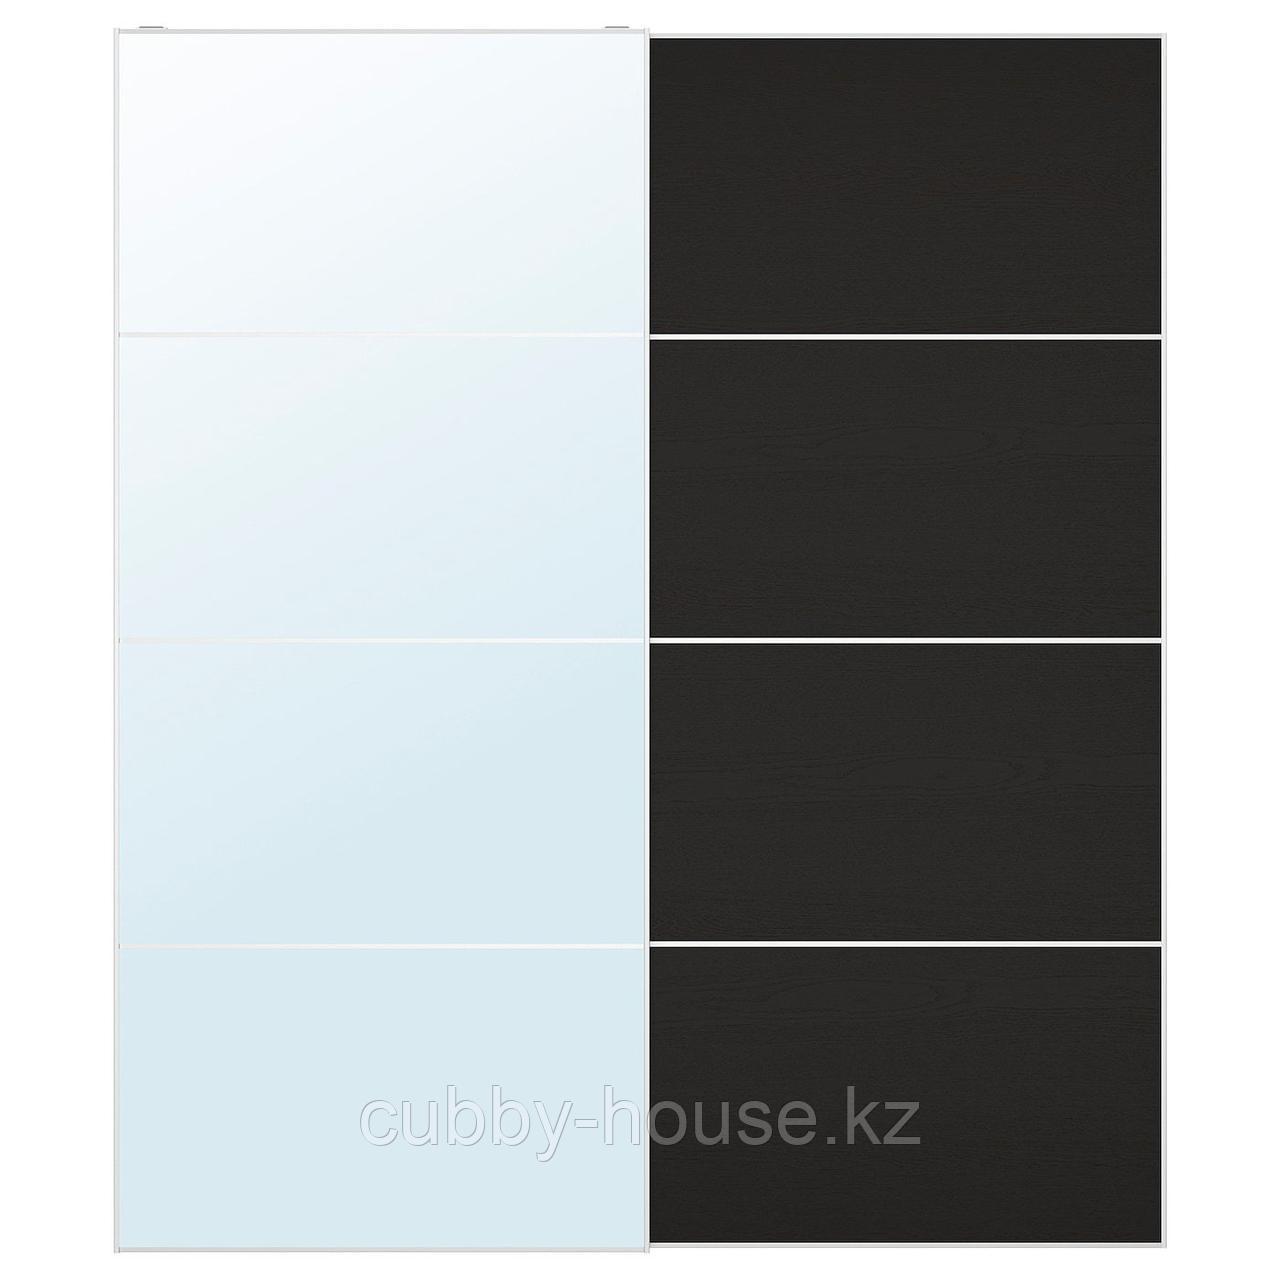 АУЛИ / МЕХАМН Пара раздвижных дверей, зеркальное стекло, под мореный ясень, черно-коричневый, 200x236 см